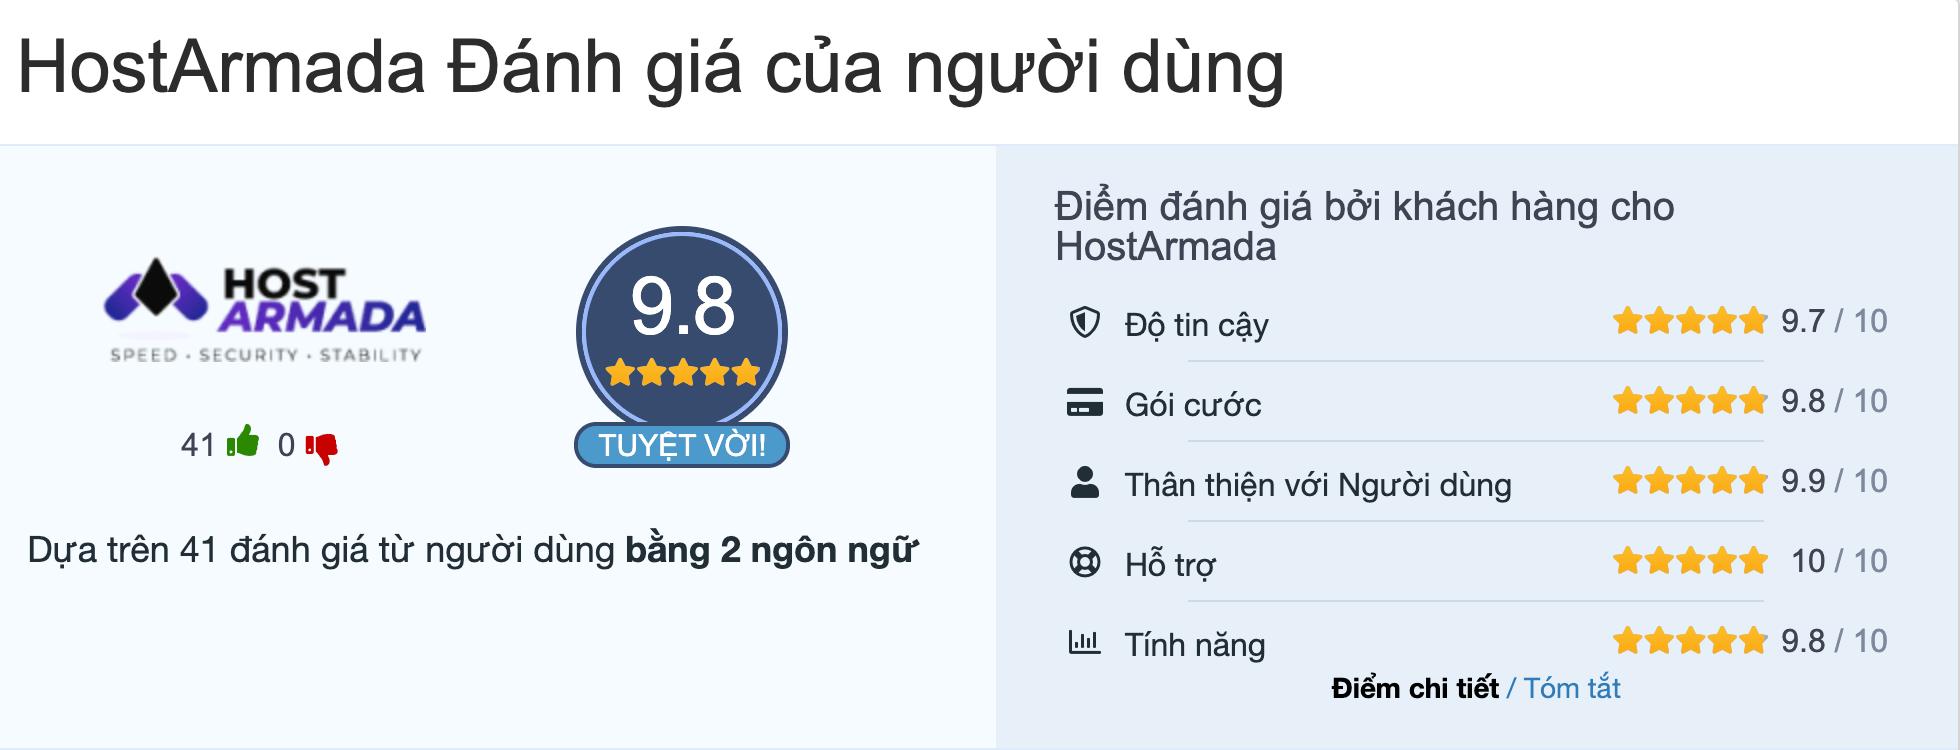 danh-gia-hosting-hostarmada